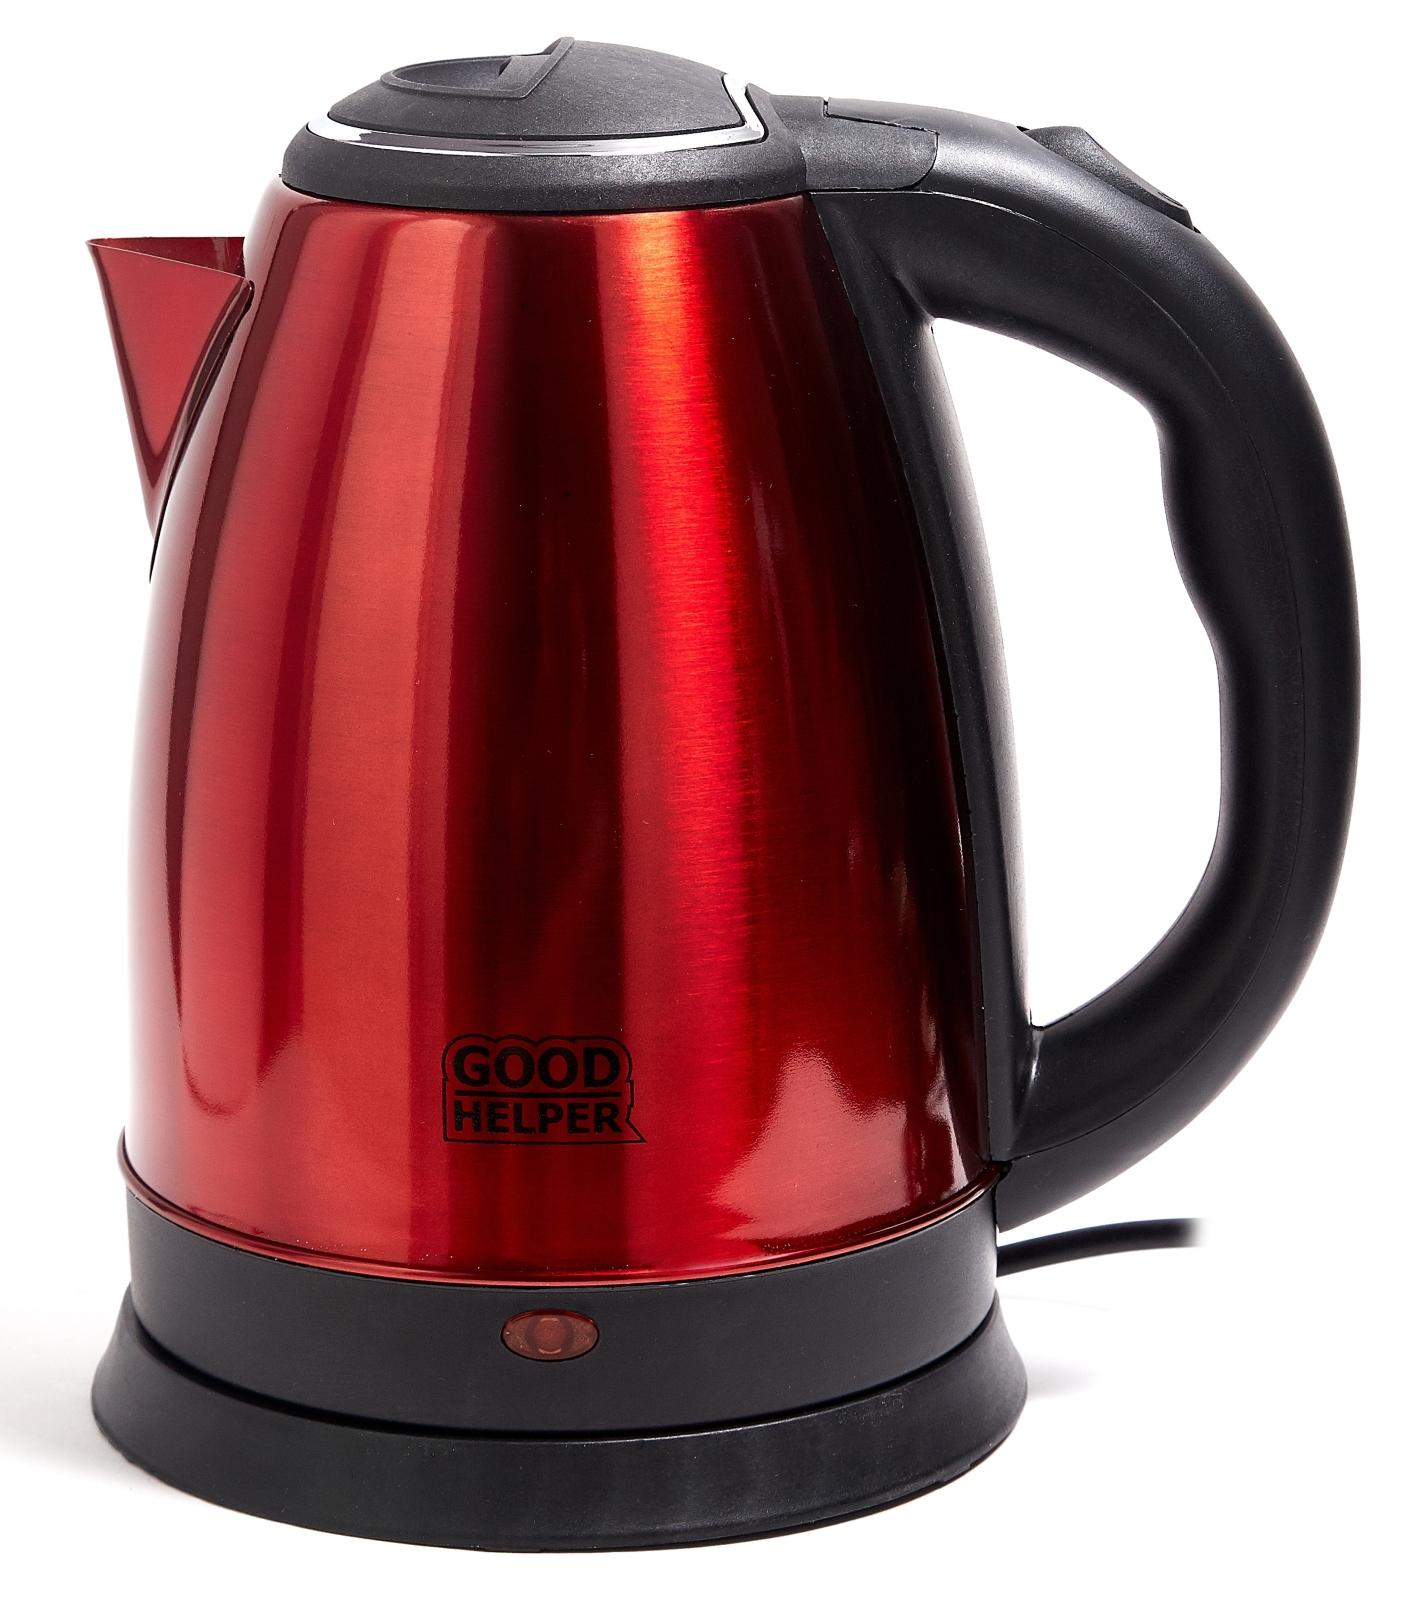 Электрический чайник GOODHELPER Чайник электрический GOODHELPER KS-181C красный, KS-181C красный, красный цена и фото